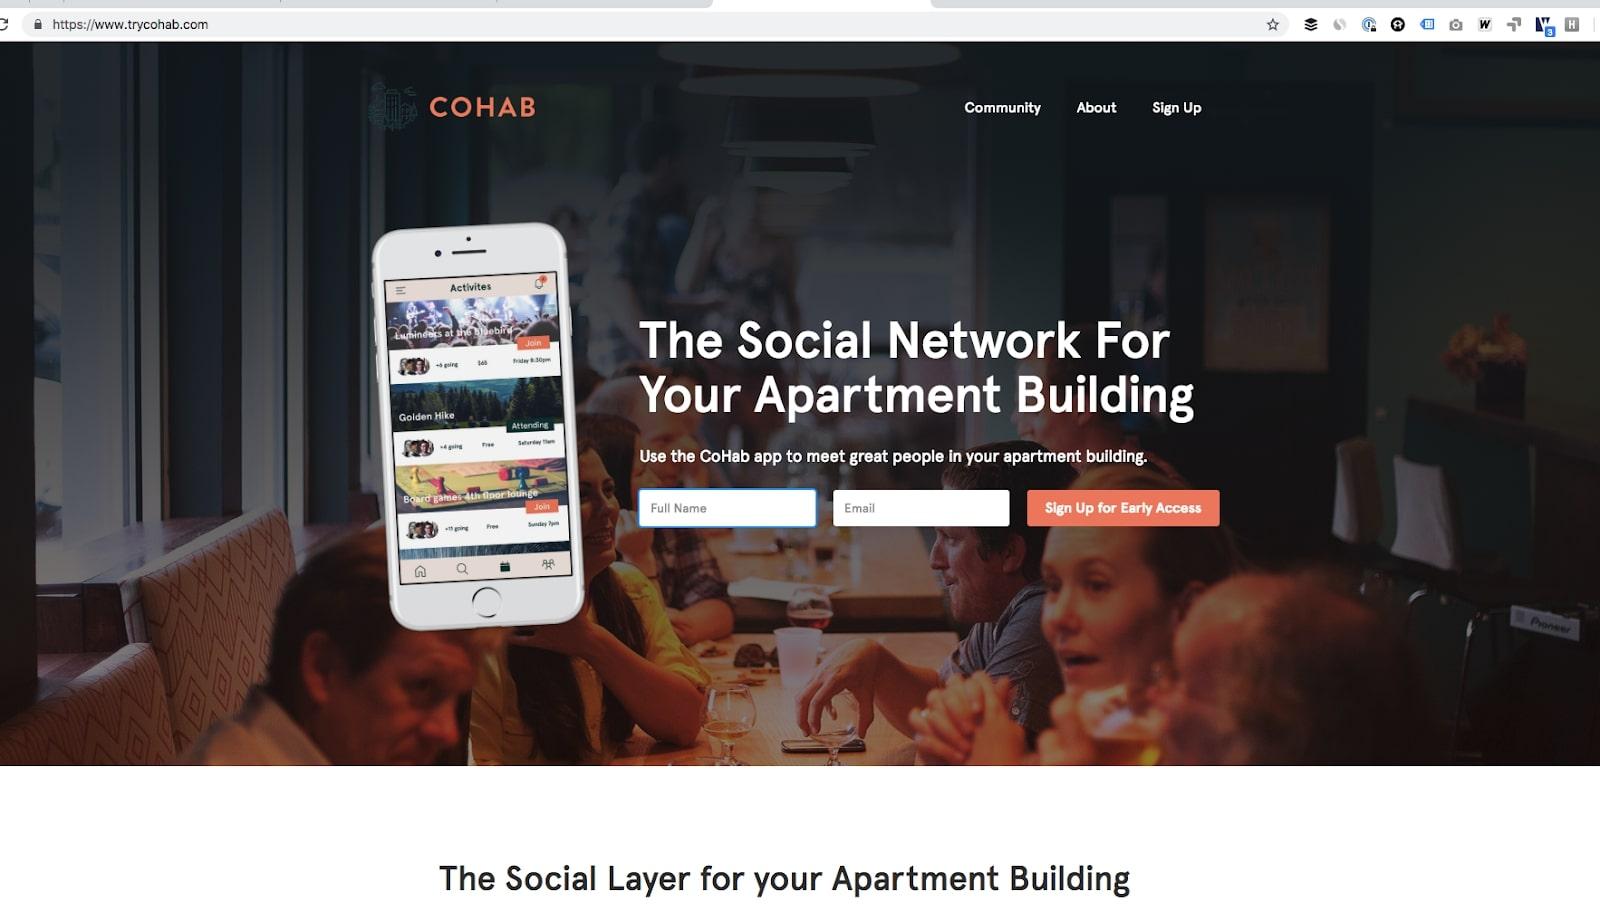 cohab website